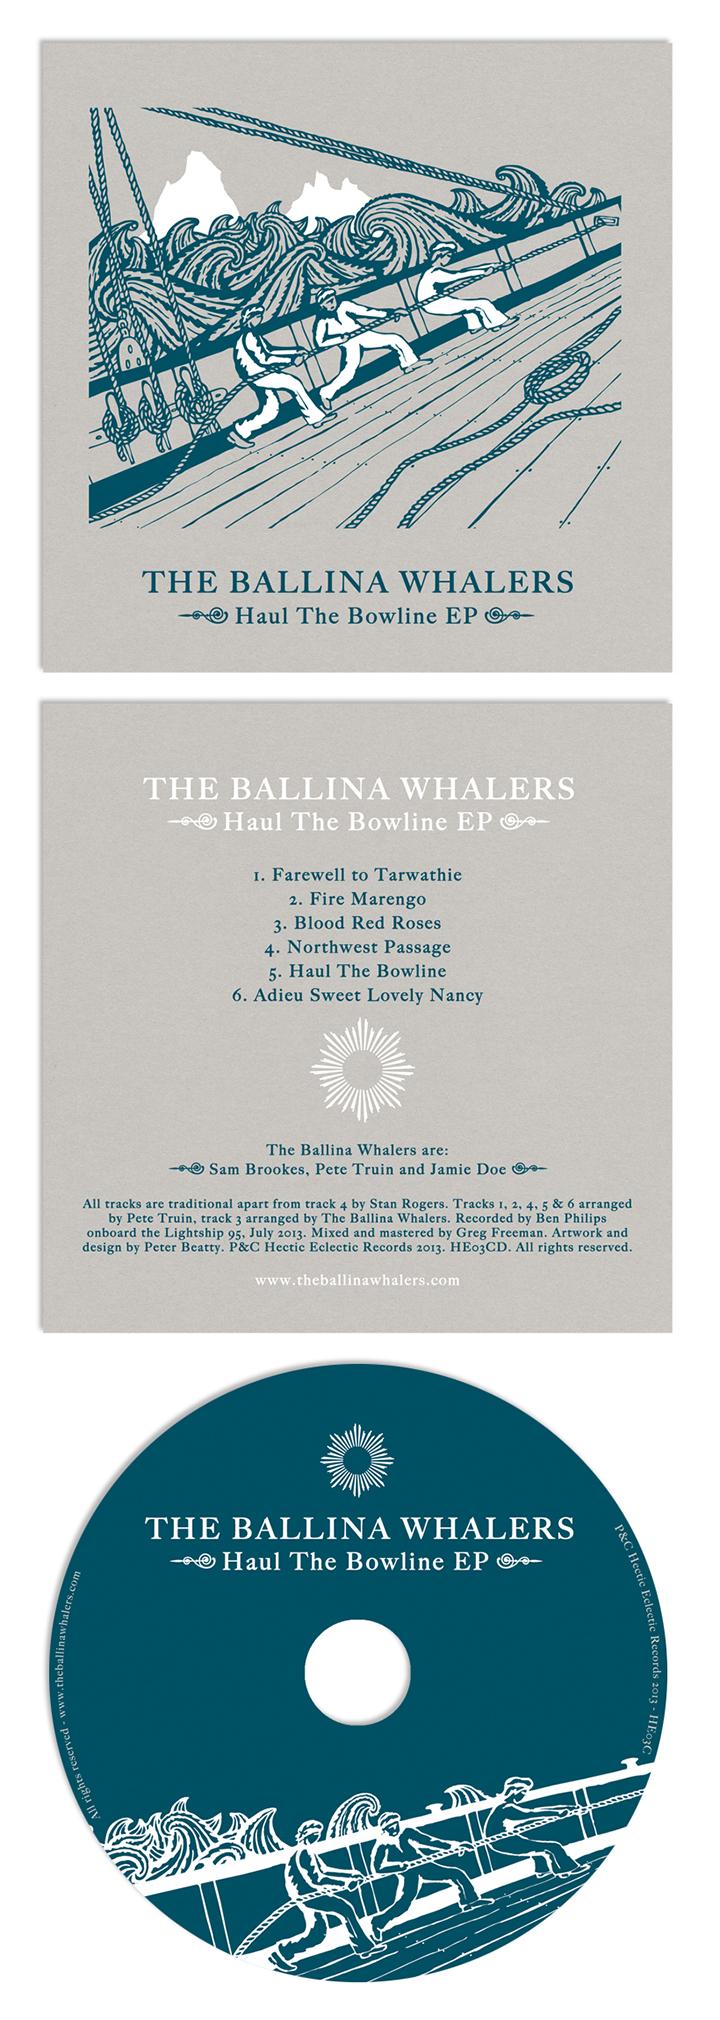 BallinaWhalers2_New_PeterBeatty